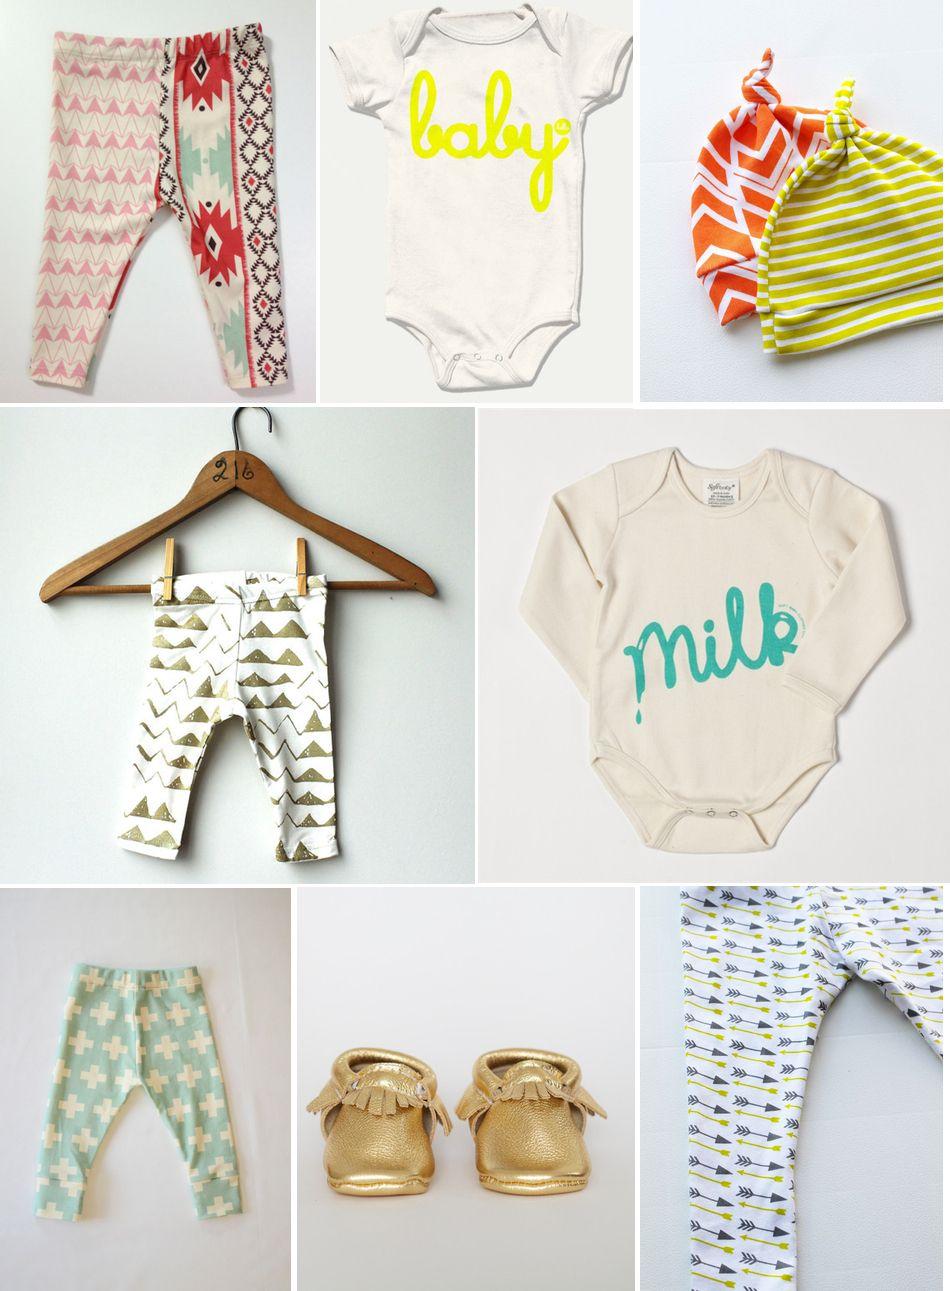 die besten 25 babykleidung online ideen auf pinterest baby junge kleider online babykleidung. Black Bedroom Furniture Sets. Home Design Ideas